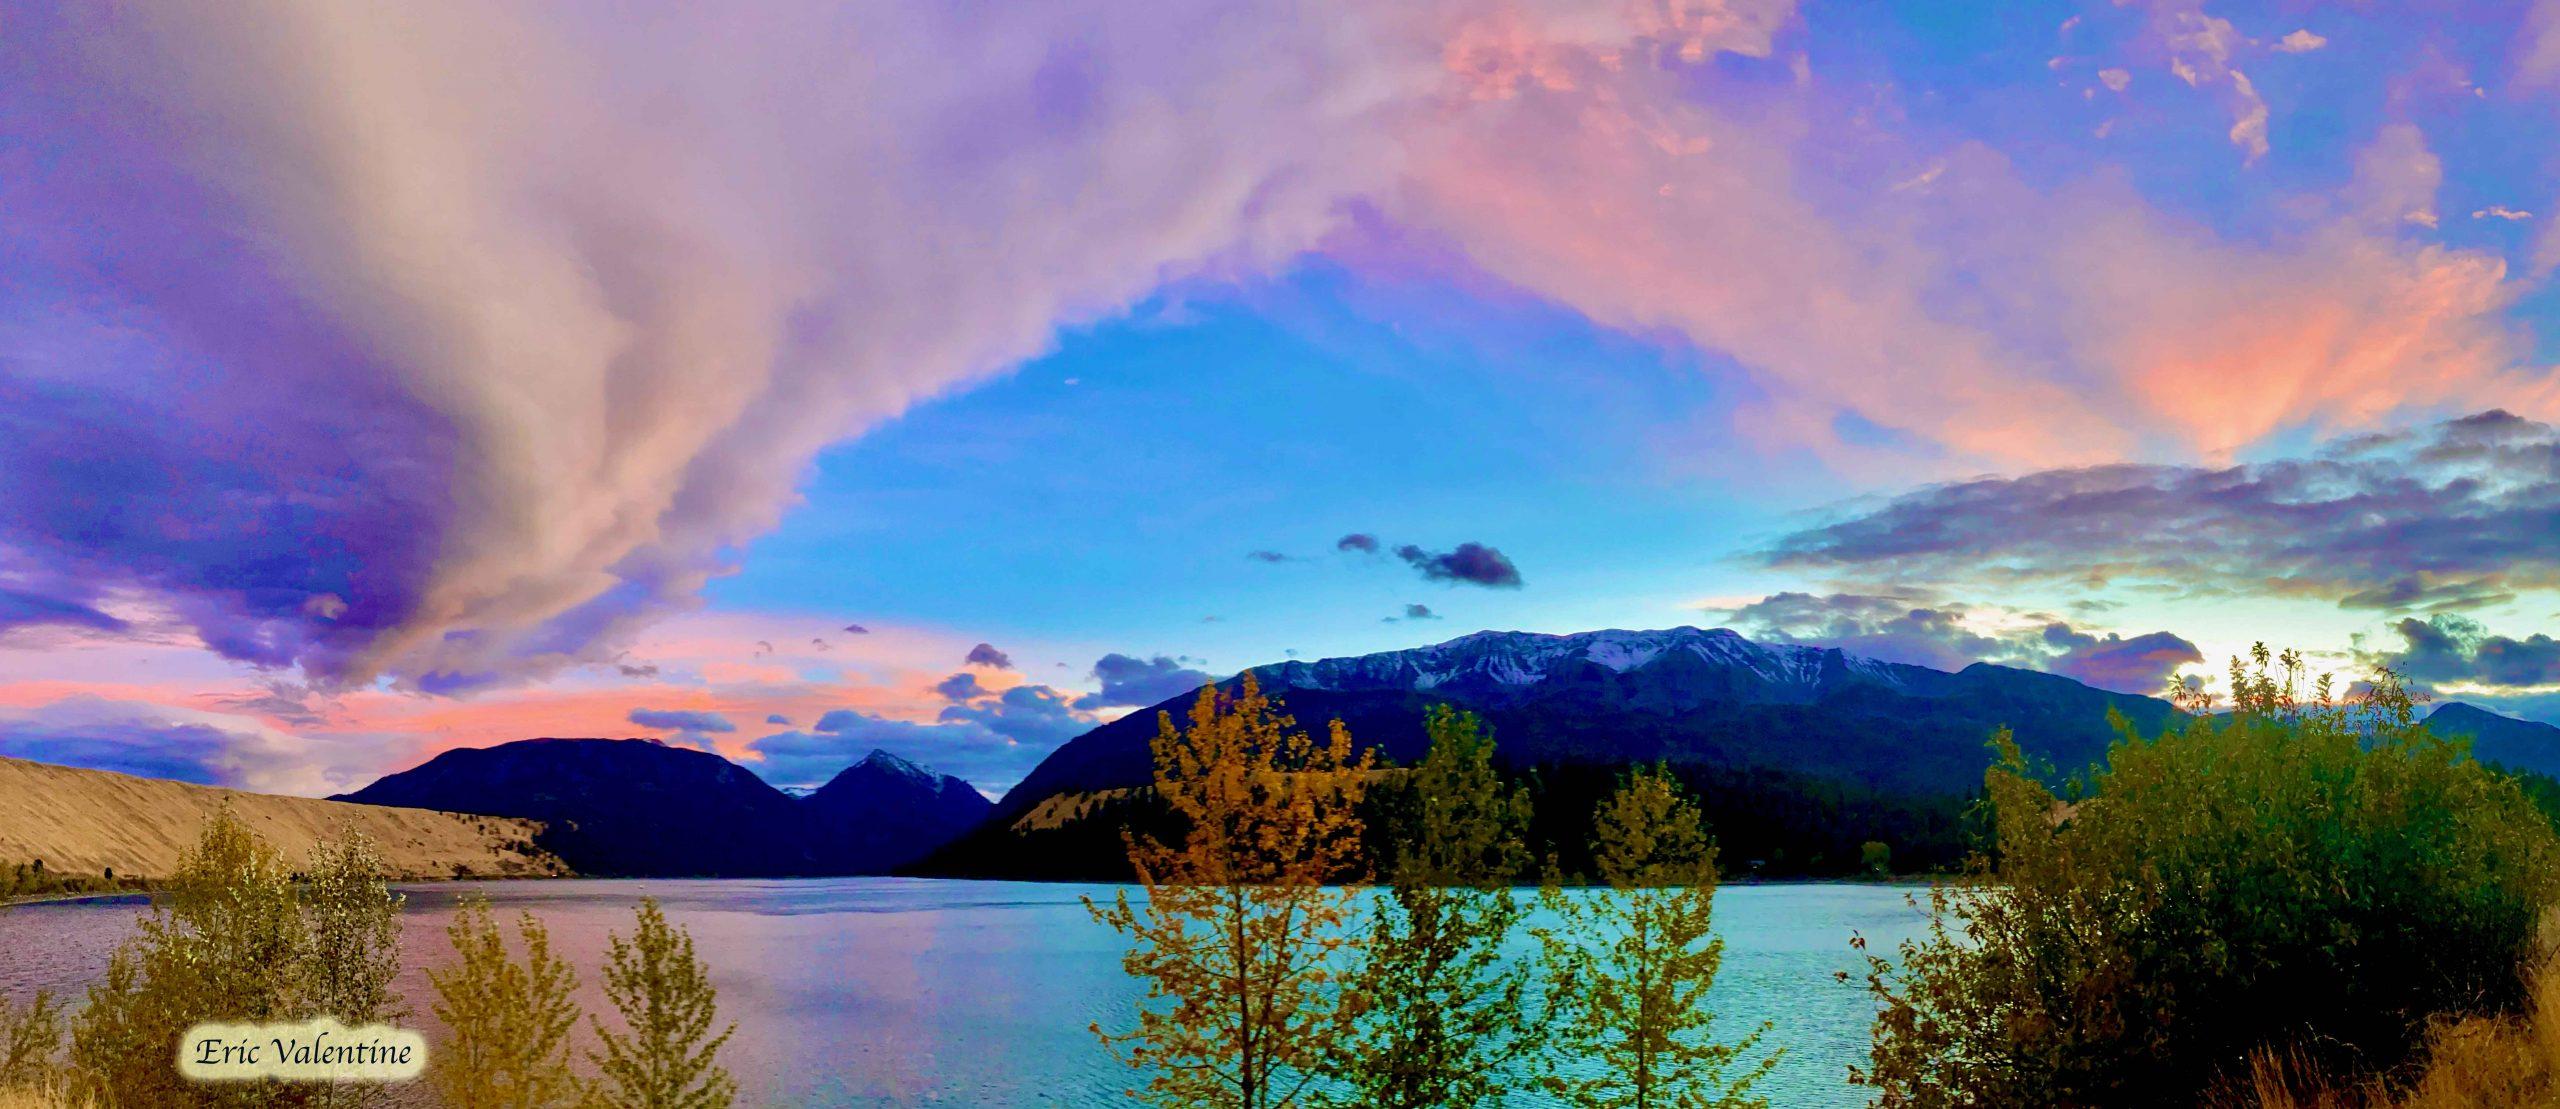 Wallowa lake pano scaled